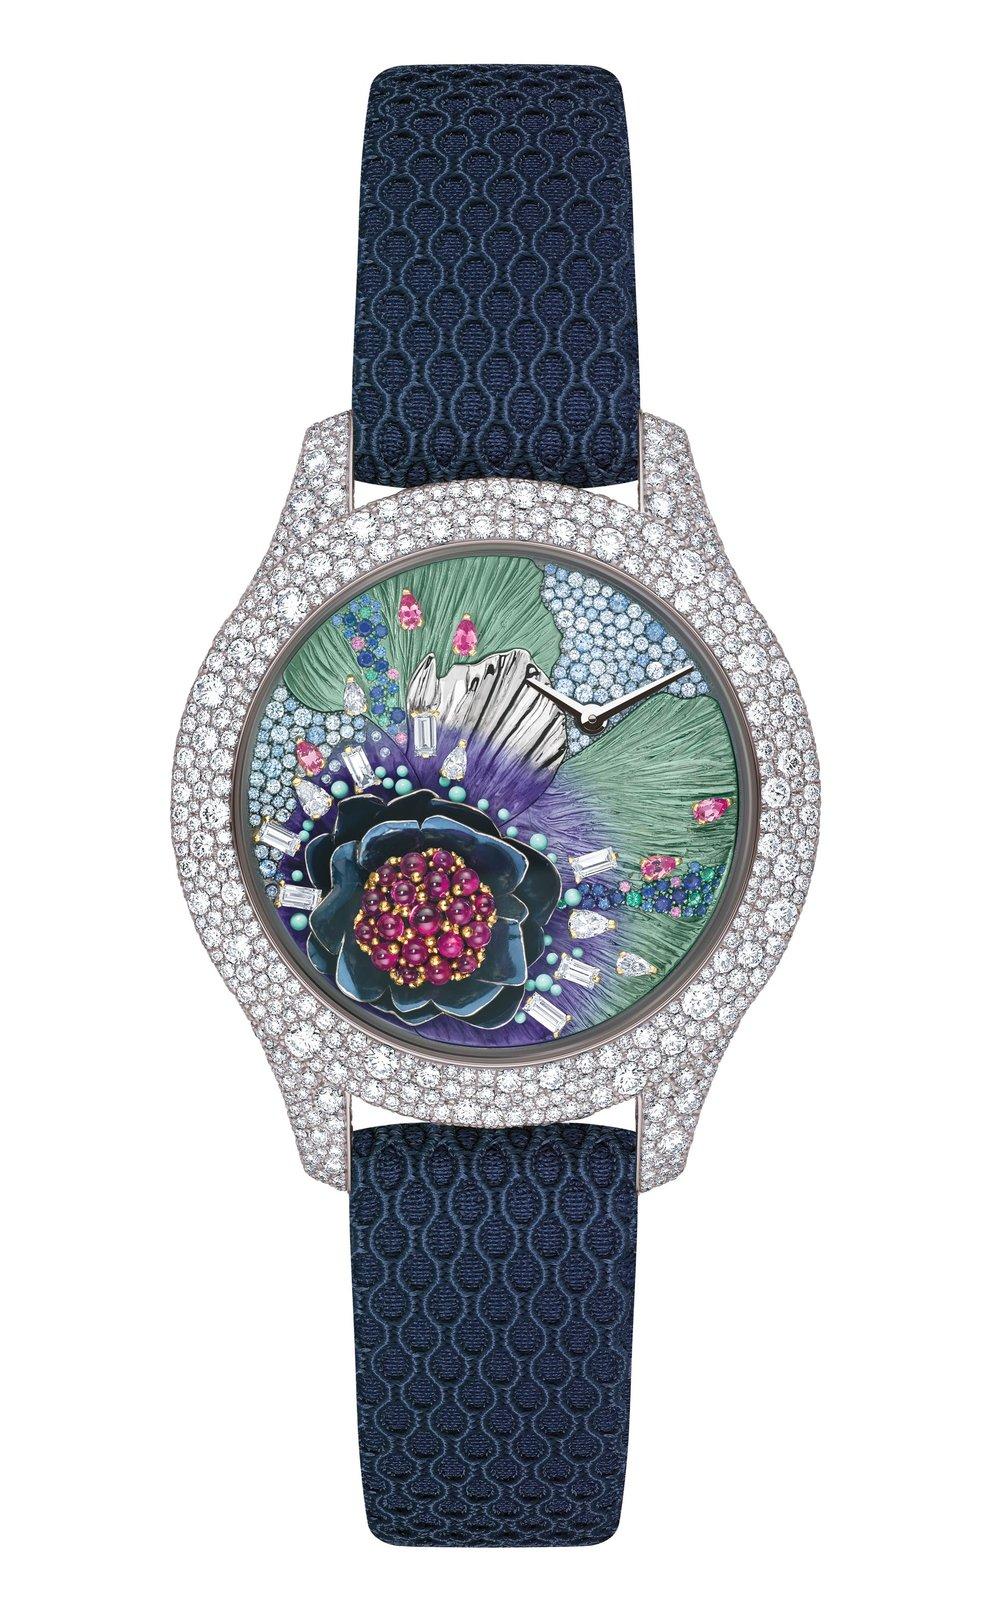 Dior Grand Soir Botanic - dior.com.